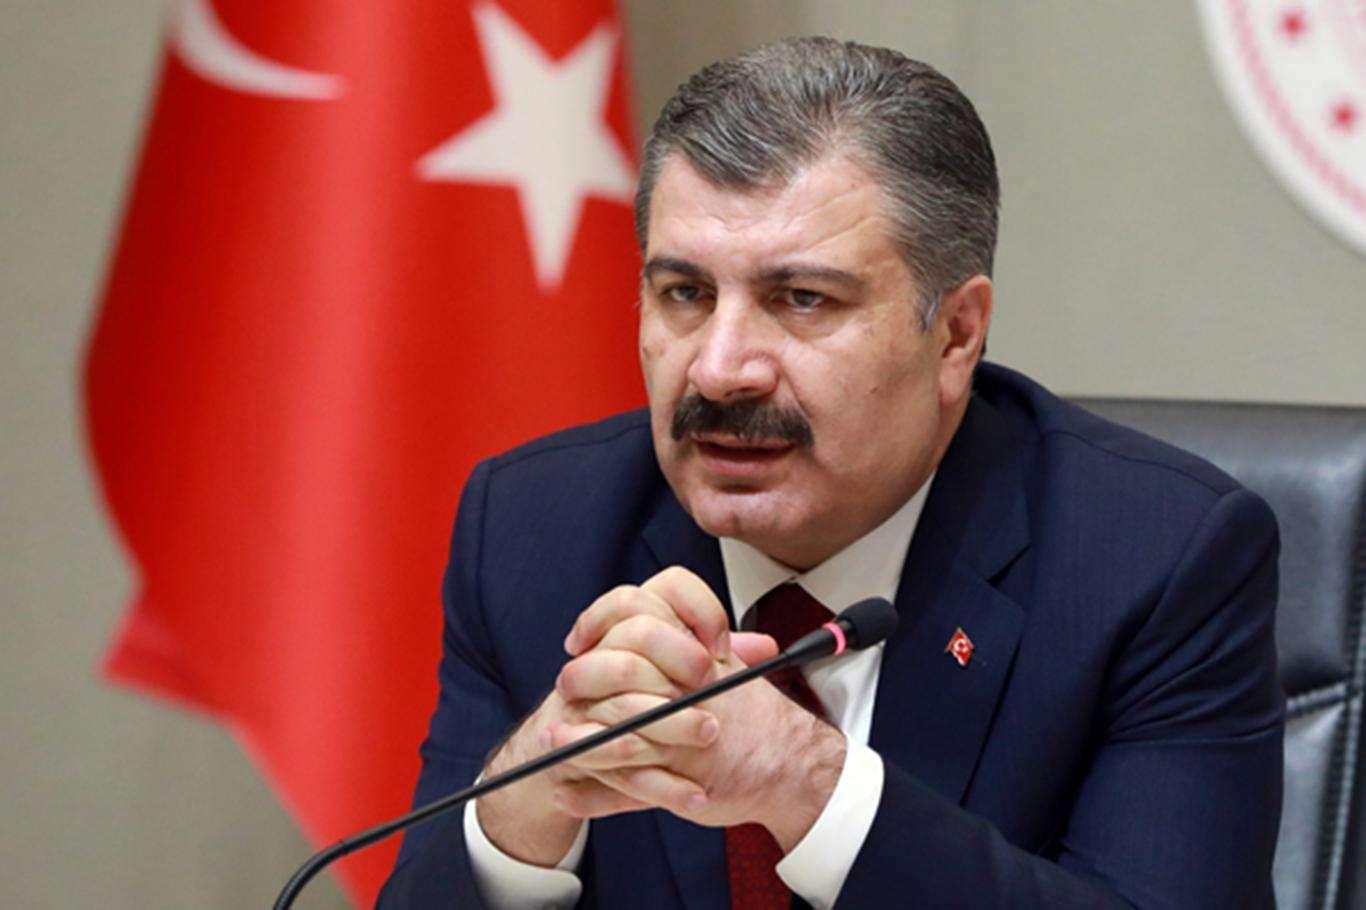 Türkiyede Covid-19 nedeniyle 96 kişi vefat etti, 20 bin 890 yeni vaka tespit edildi